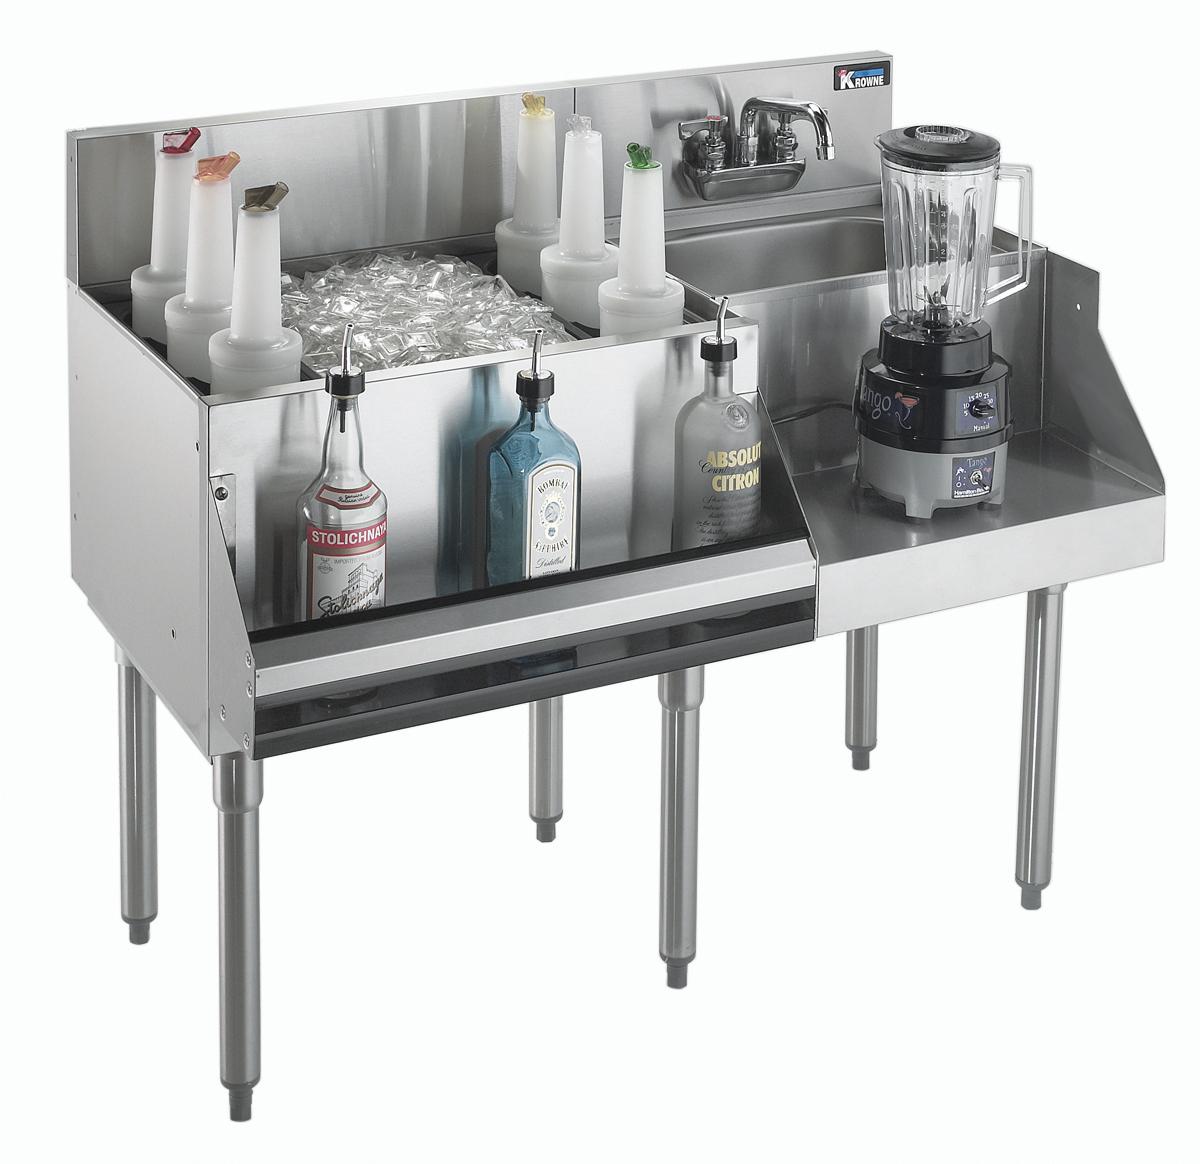 Krowne Metal KR21-W48L-10 underbar ice bin/cocktail station, blender station